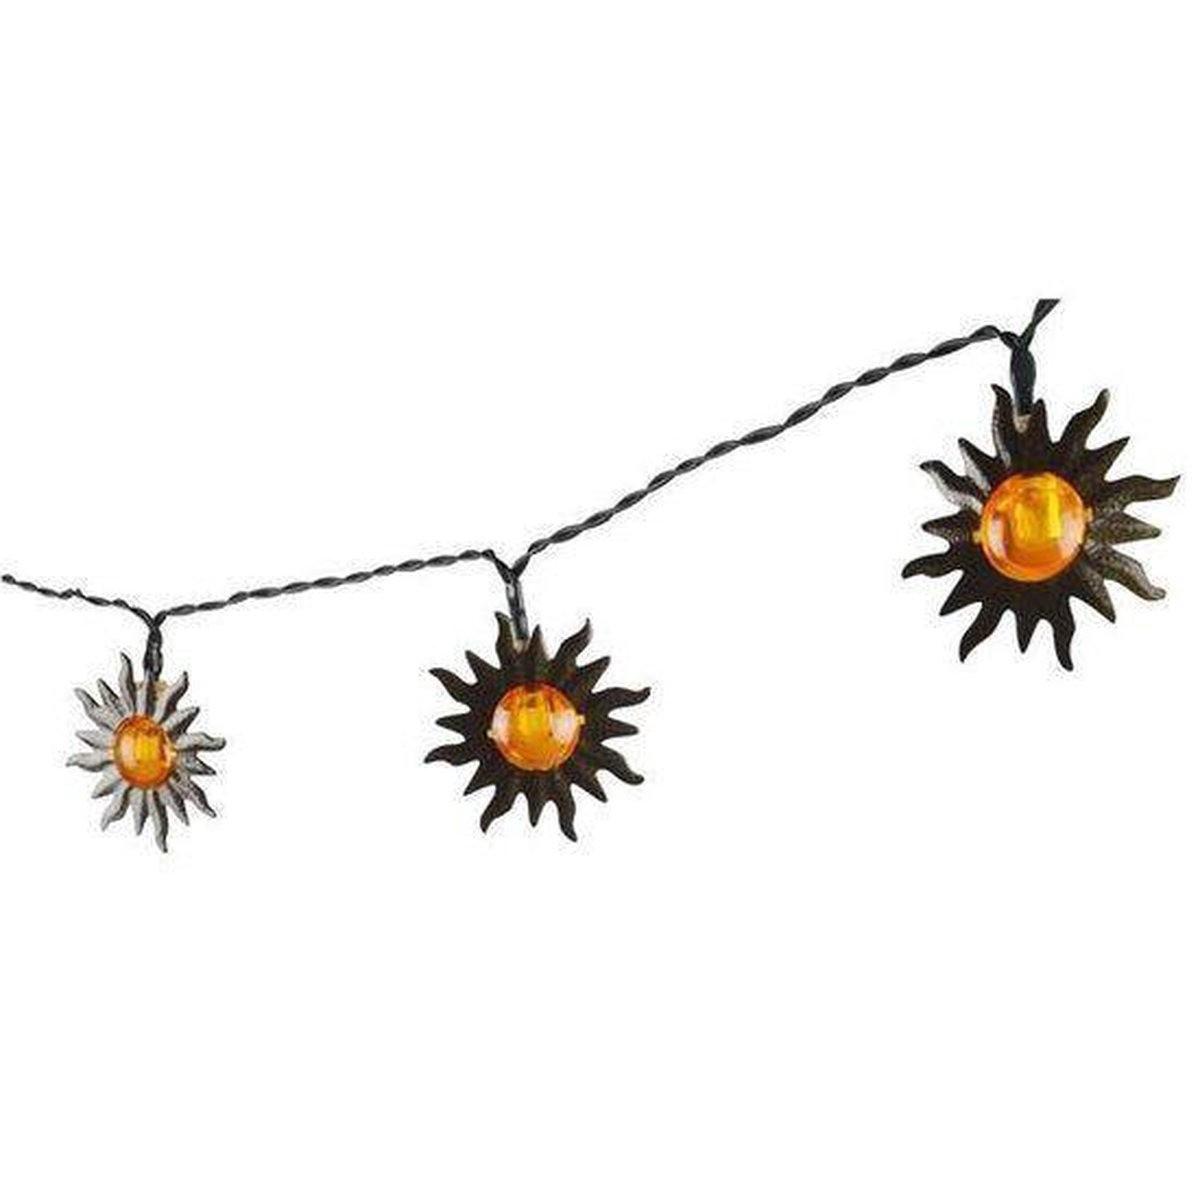 1x Solar lichtslinger met zonnetjes op zonne-energie 365 cm tuinverlichting